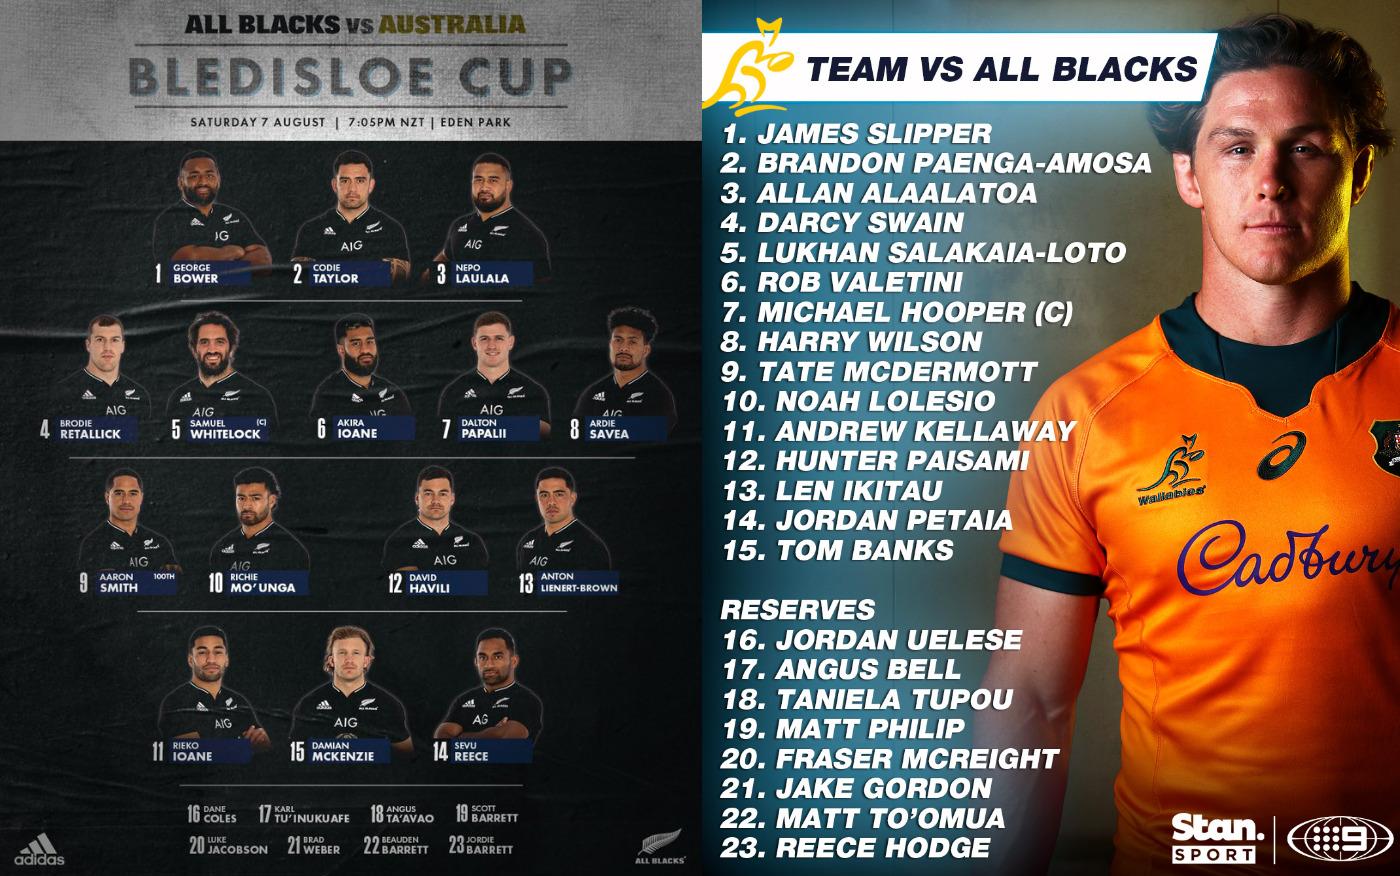 ブレディスローカップ、ニュージーランドVSオーストラリア第1線